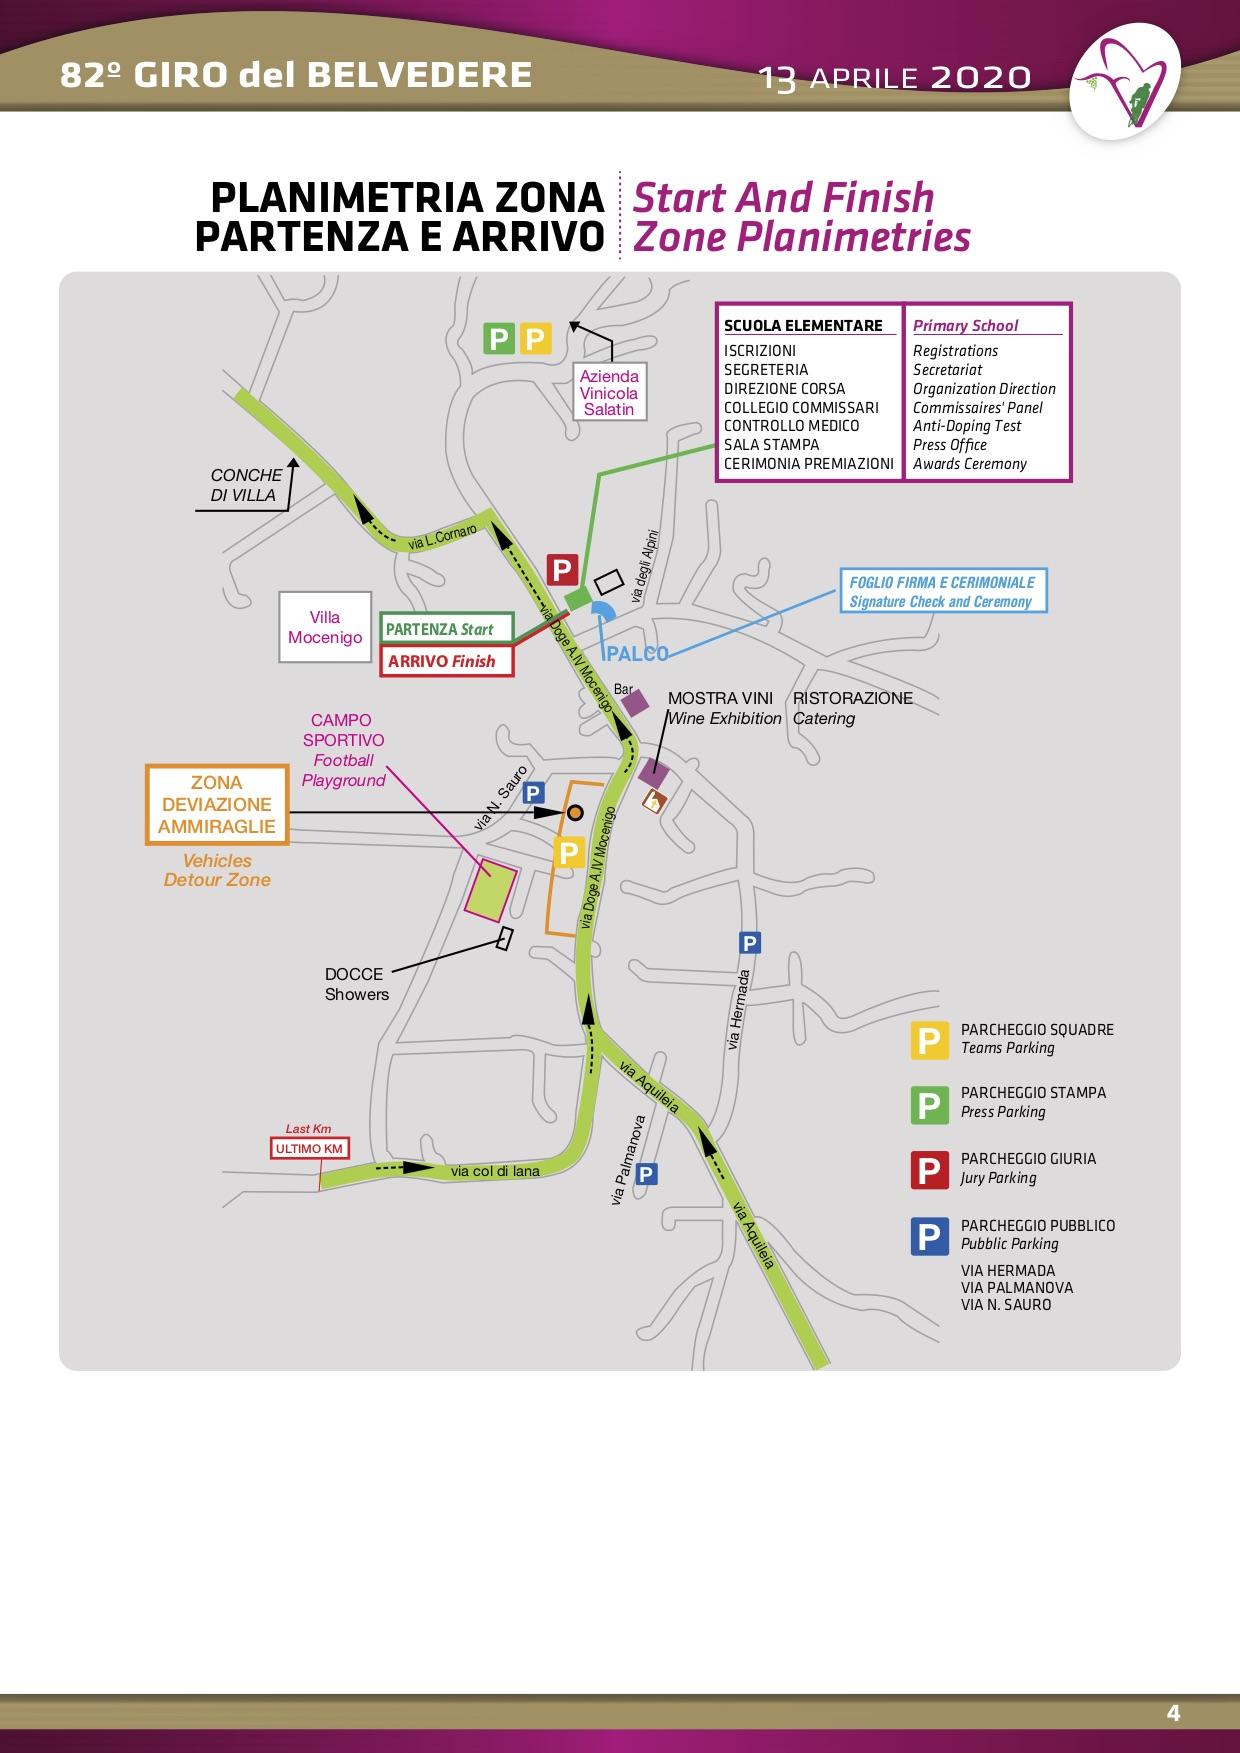 Giro del Belvedere - Planimetria zona partenza e arrivo 2017